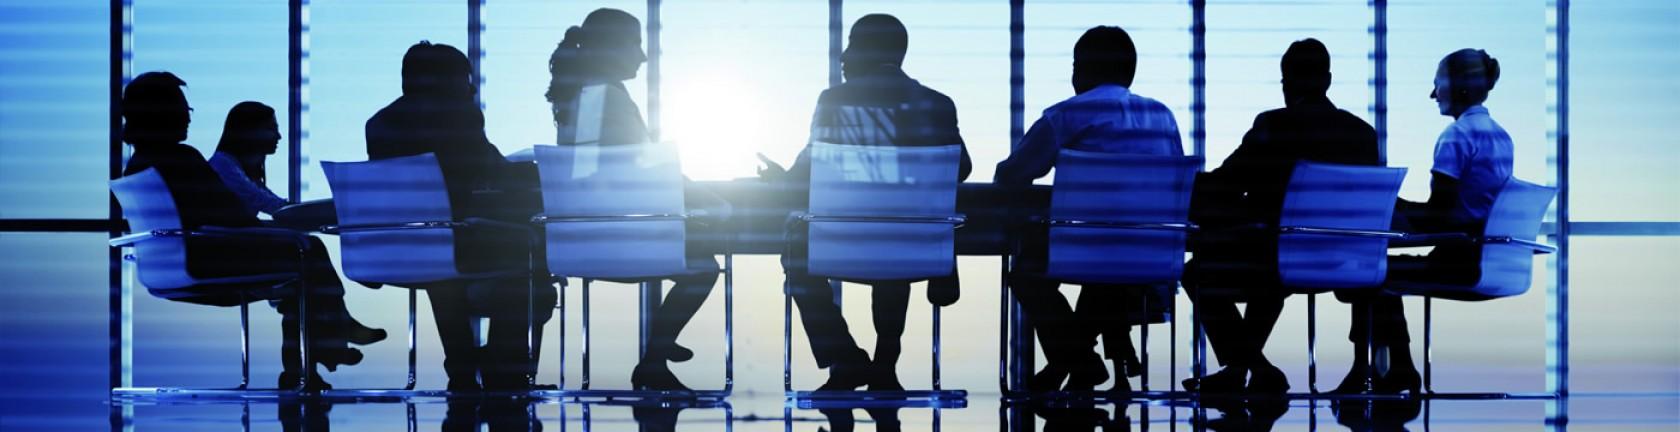 Prise de RDV personnalisé - MBA Communication Publique et Influence EFAP Lille